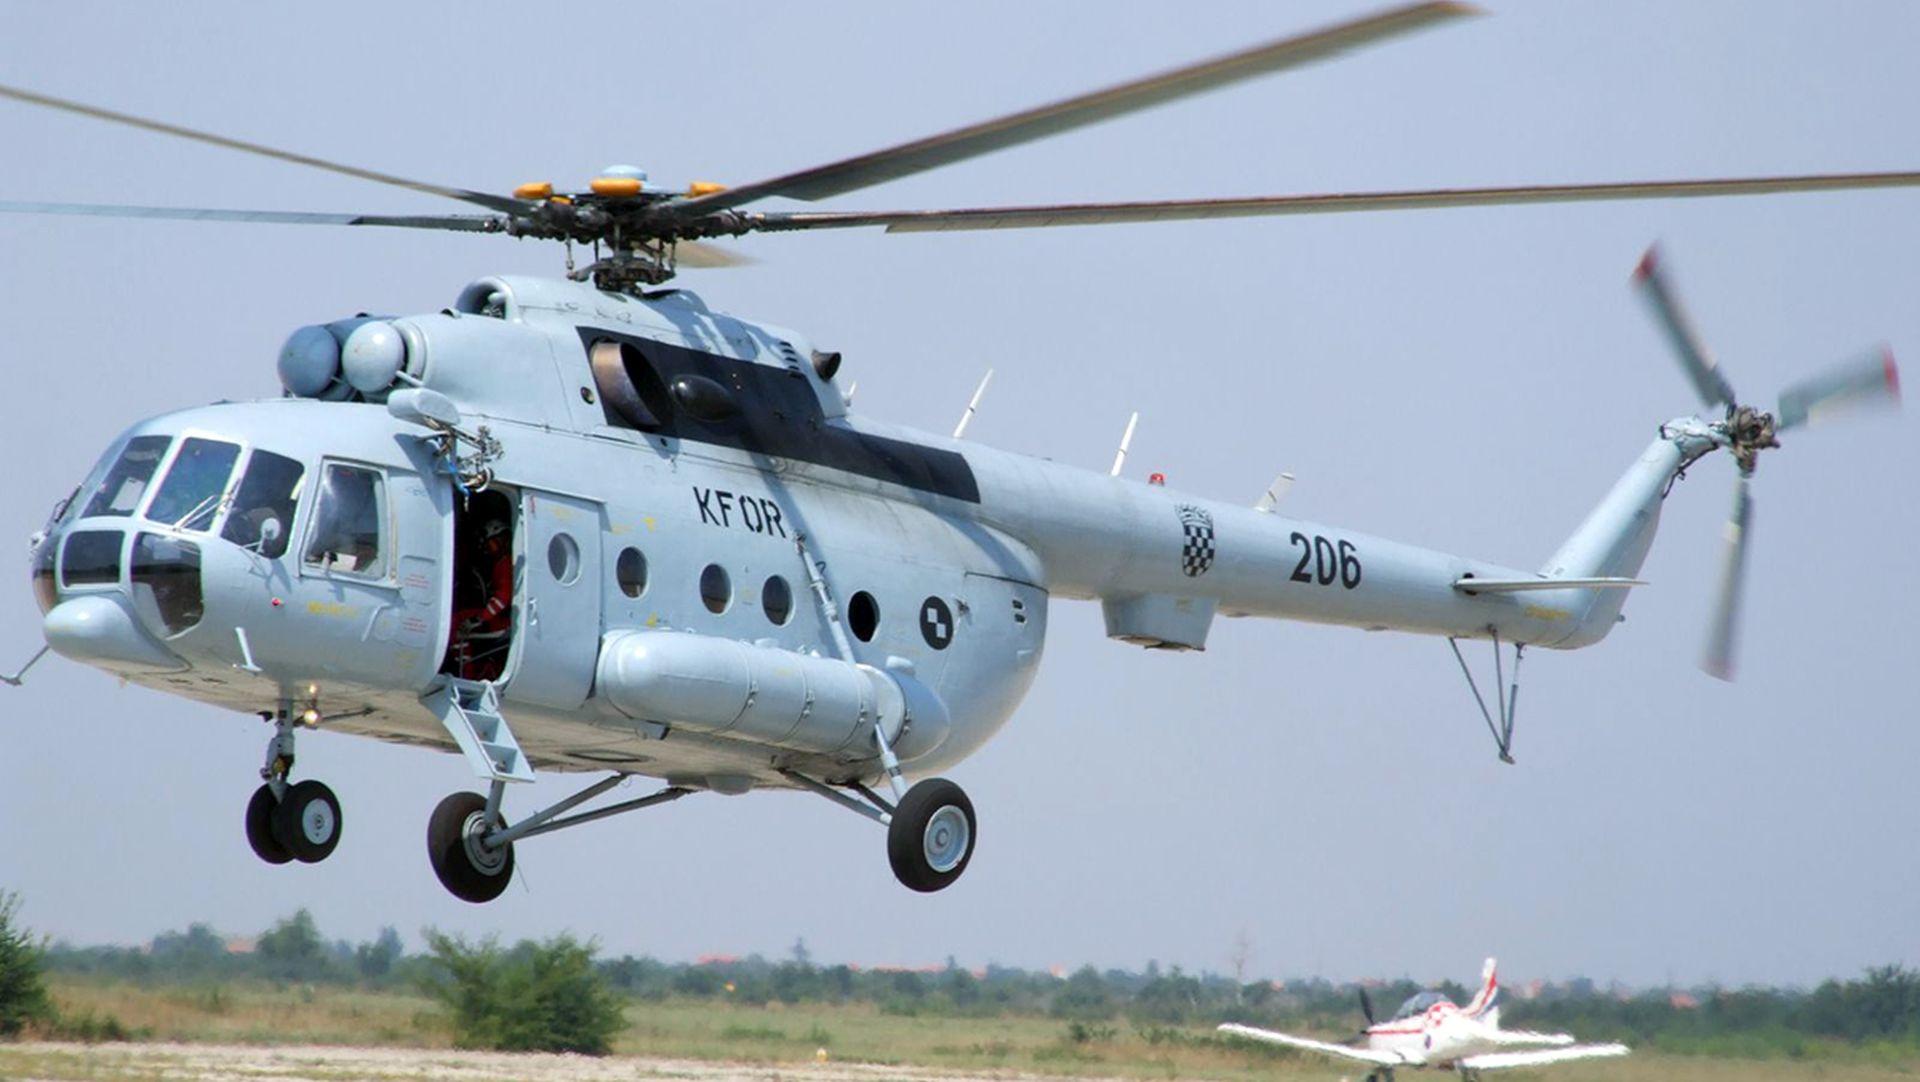 Dvije osobe poginule u padu helikoptera kod grčkog otoka Poros